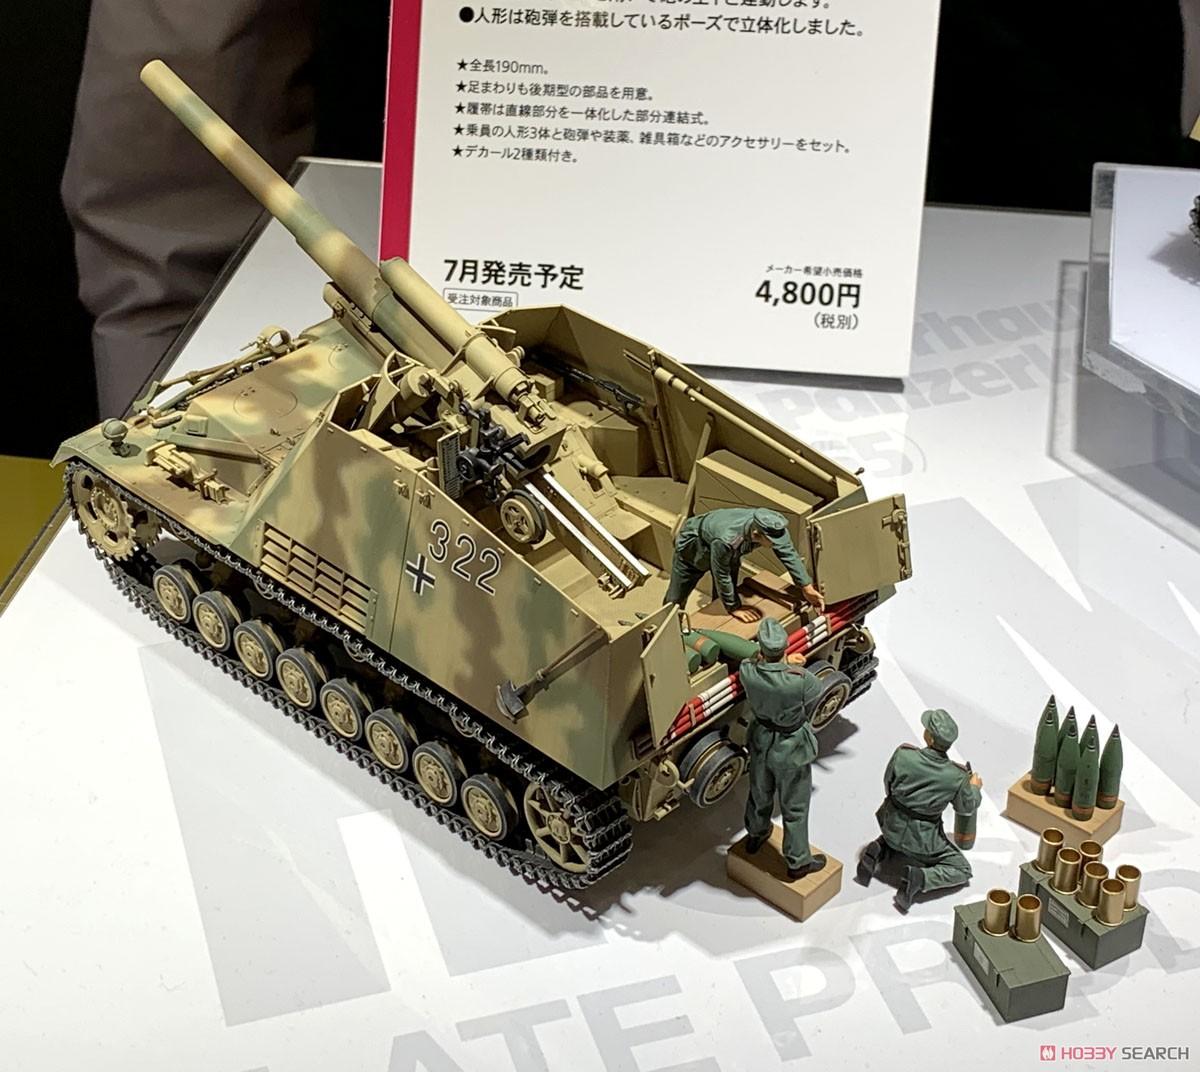 1/35 ミリタリーミニチュアシリーズ No.367『ドイツ重自走榴弾砲 フンメル 後期型』プラモデル-003